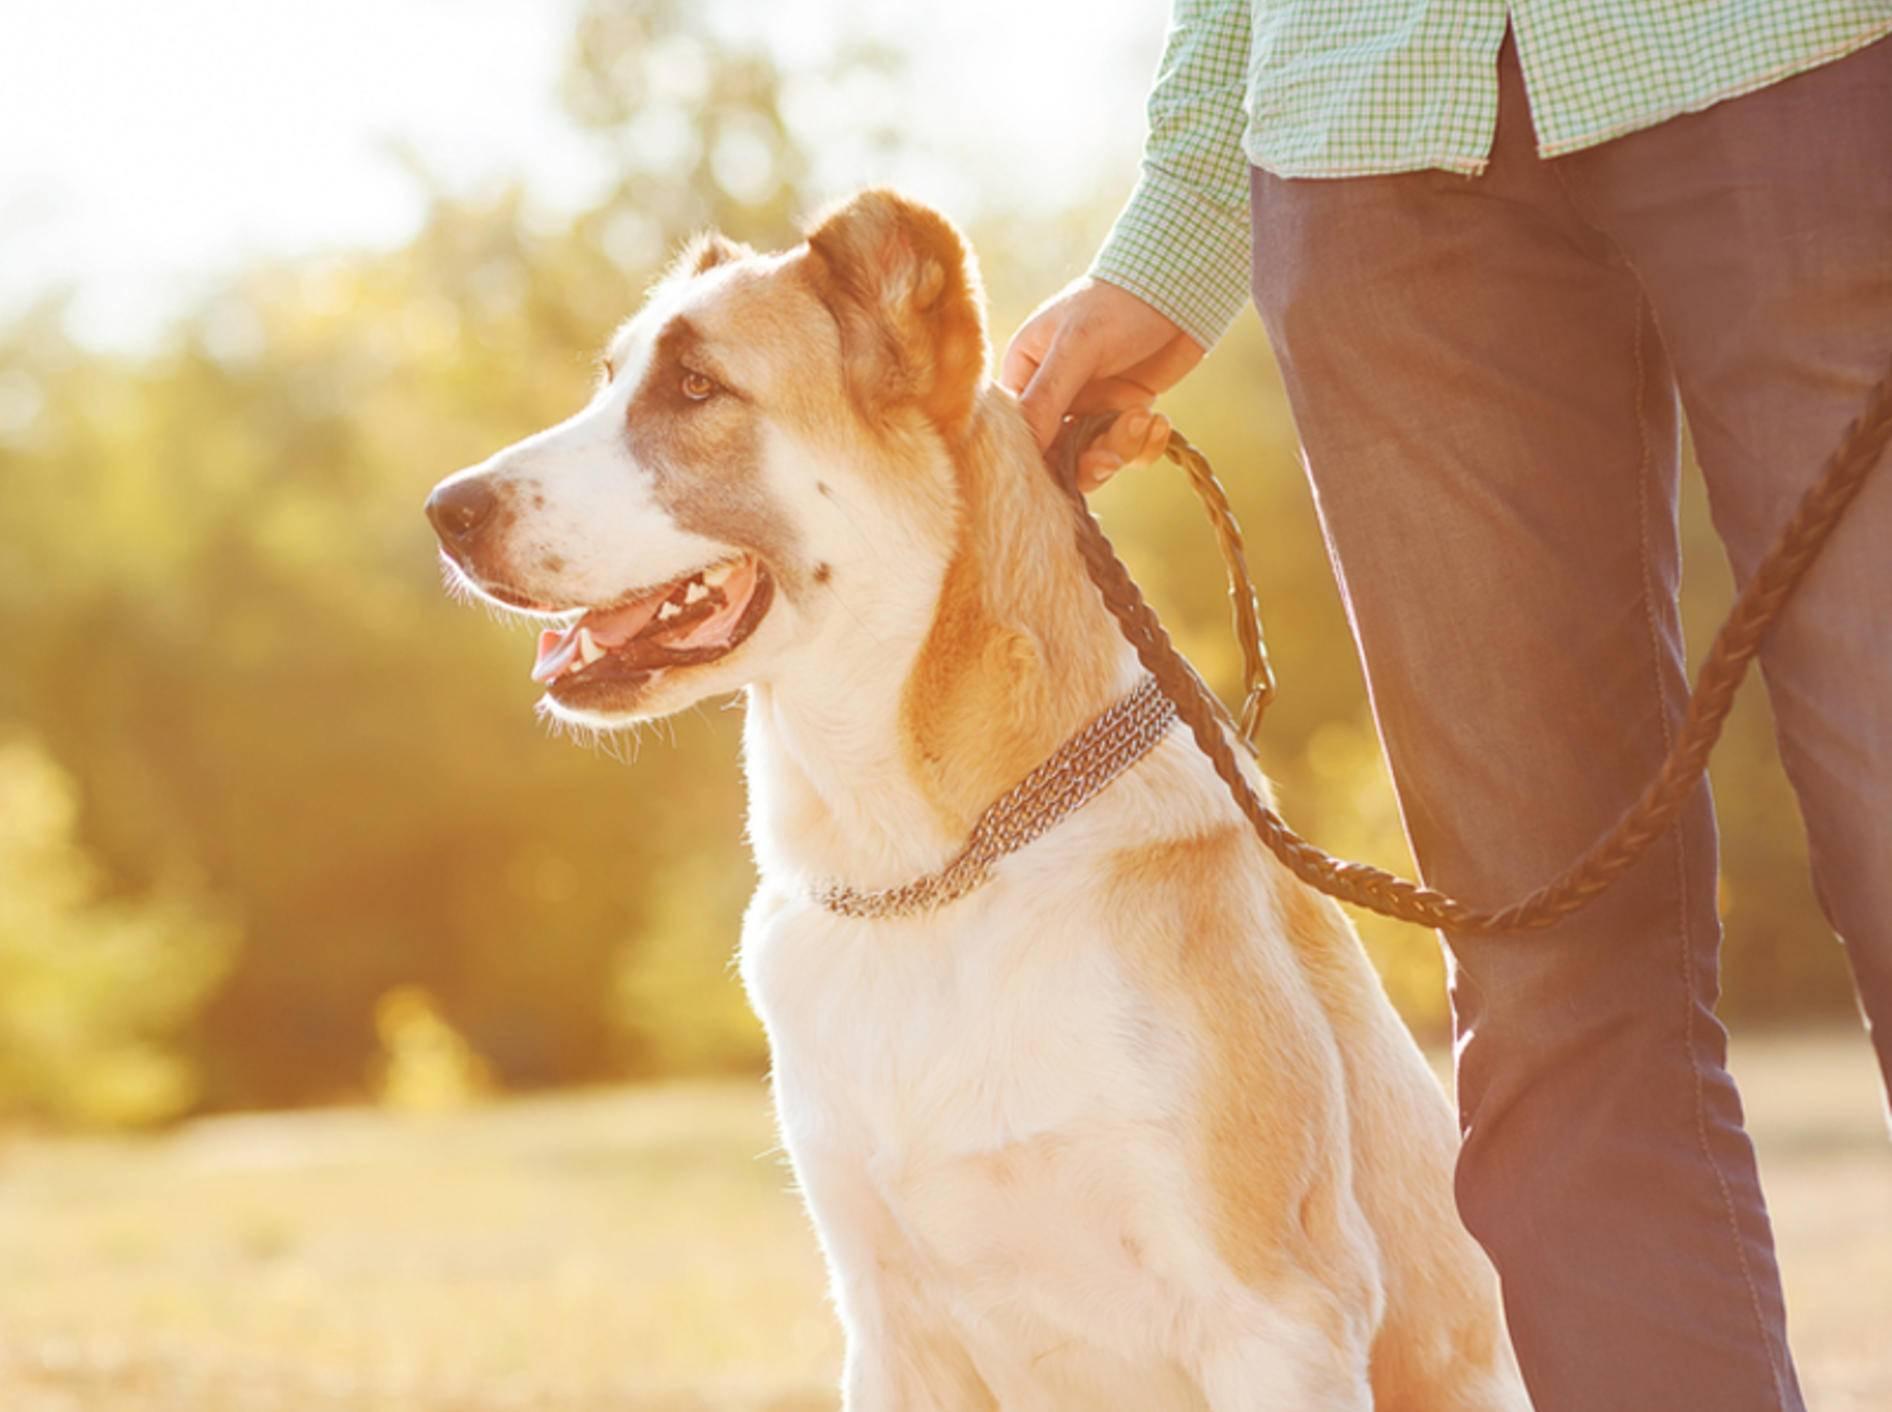 Beim Hundespaziergang sollten Sie ein paar Grundregeln beachten - Bild: Shutterstock / Rock and Wasp